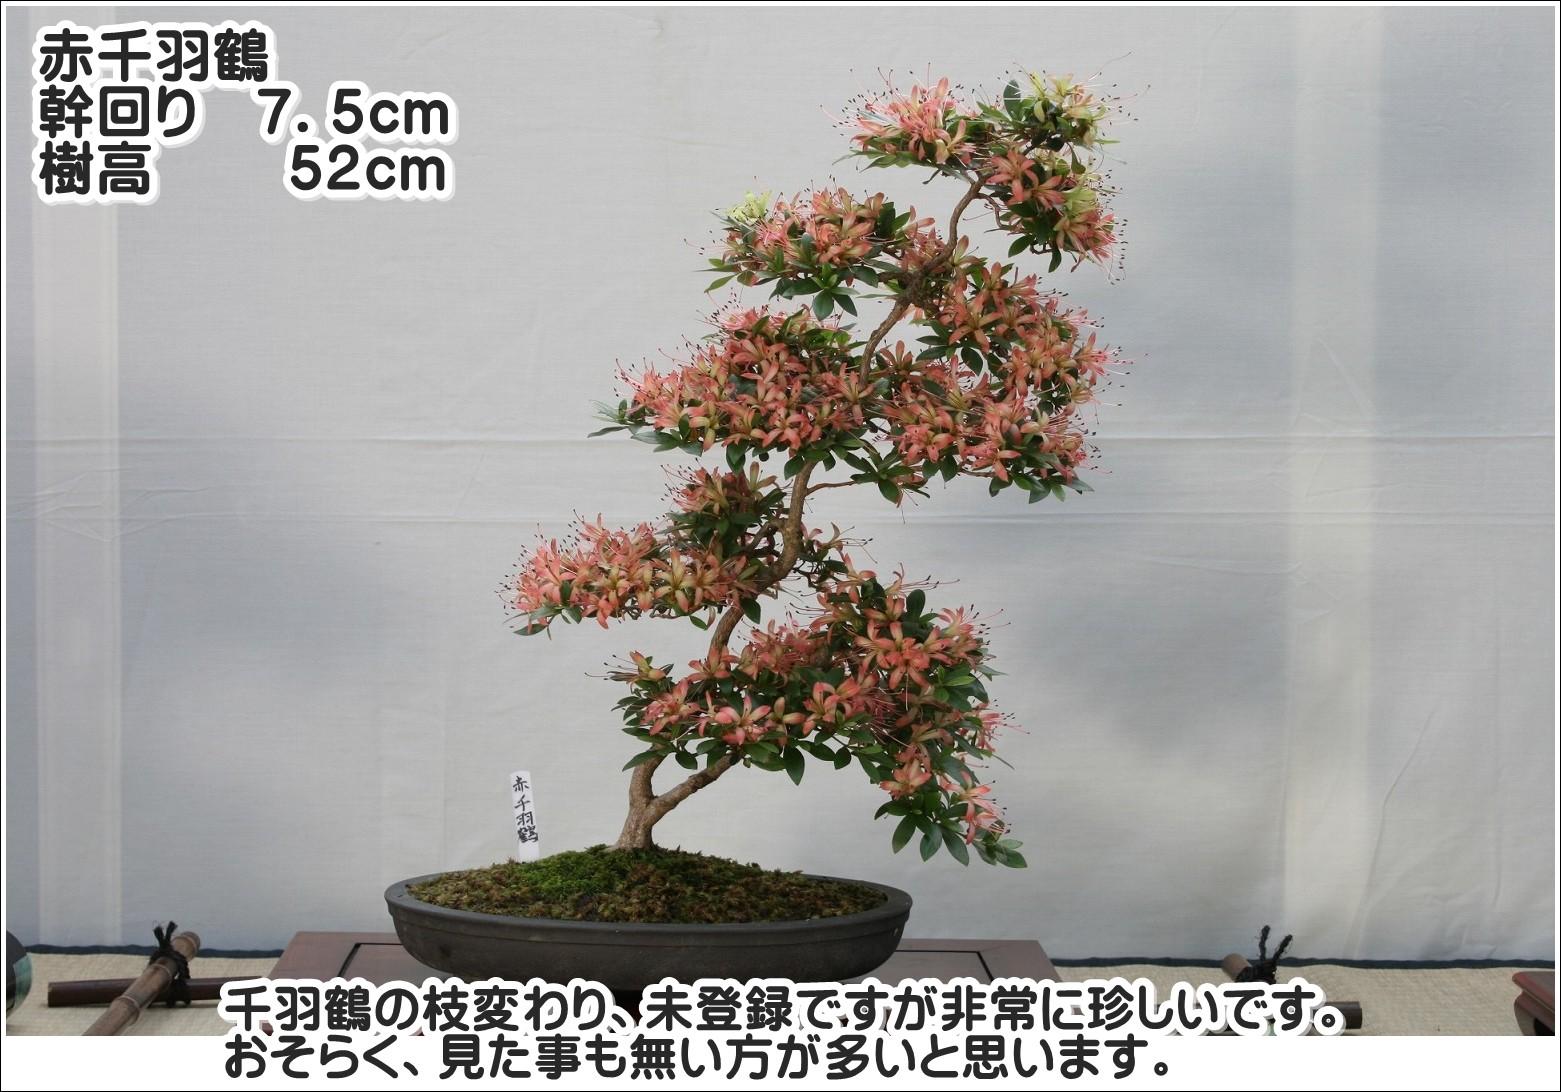 千羽鶴の枝変わり、未登録ですが非常に珍しいです。おそらく、見た事も無い方が多いと思います。